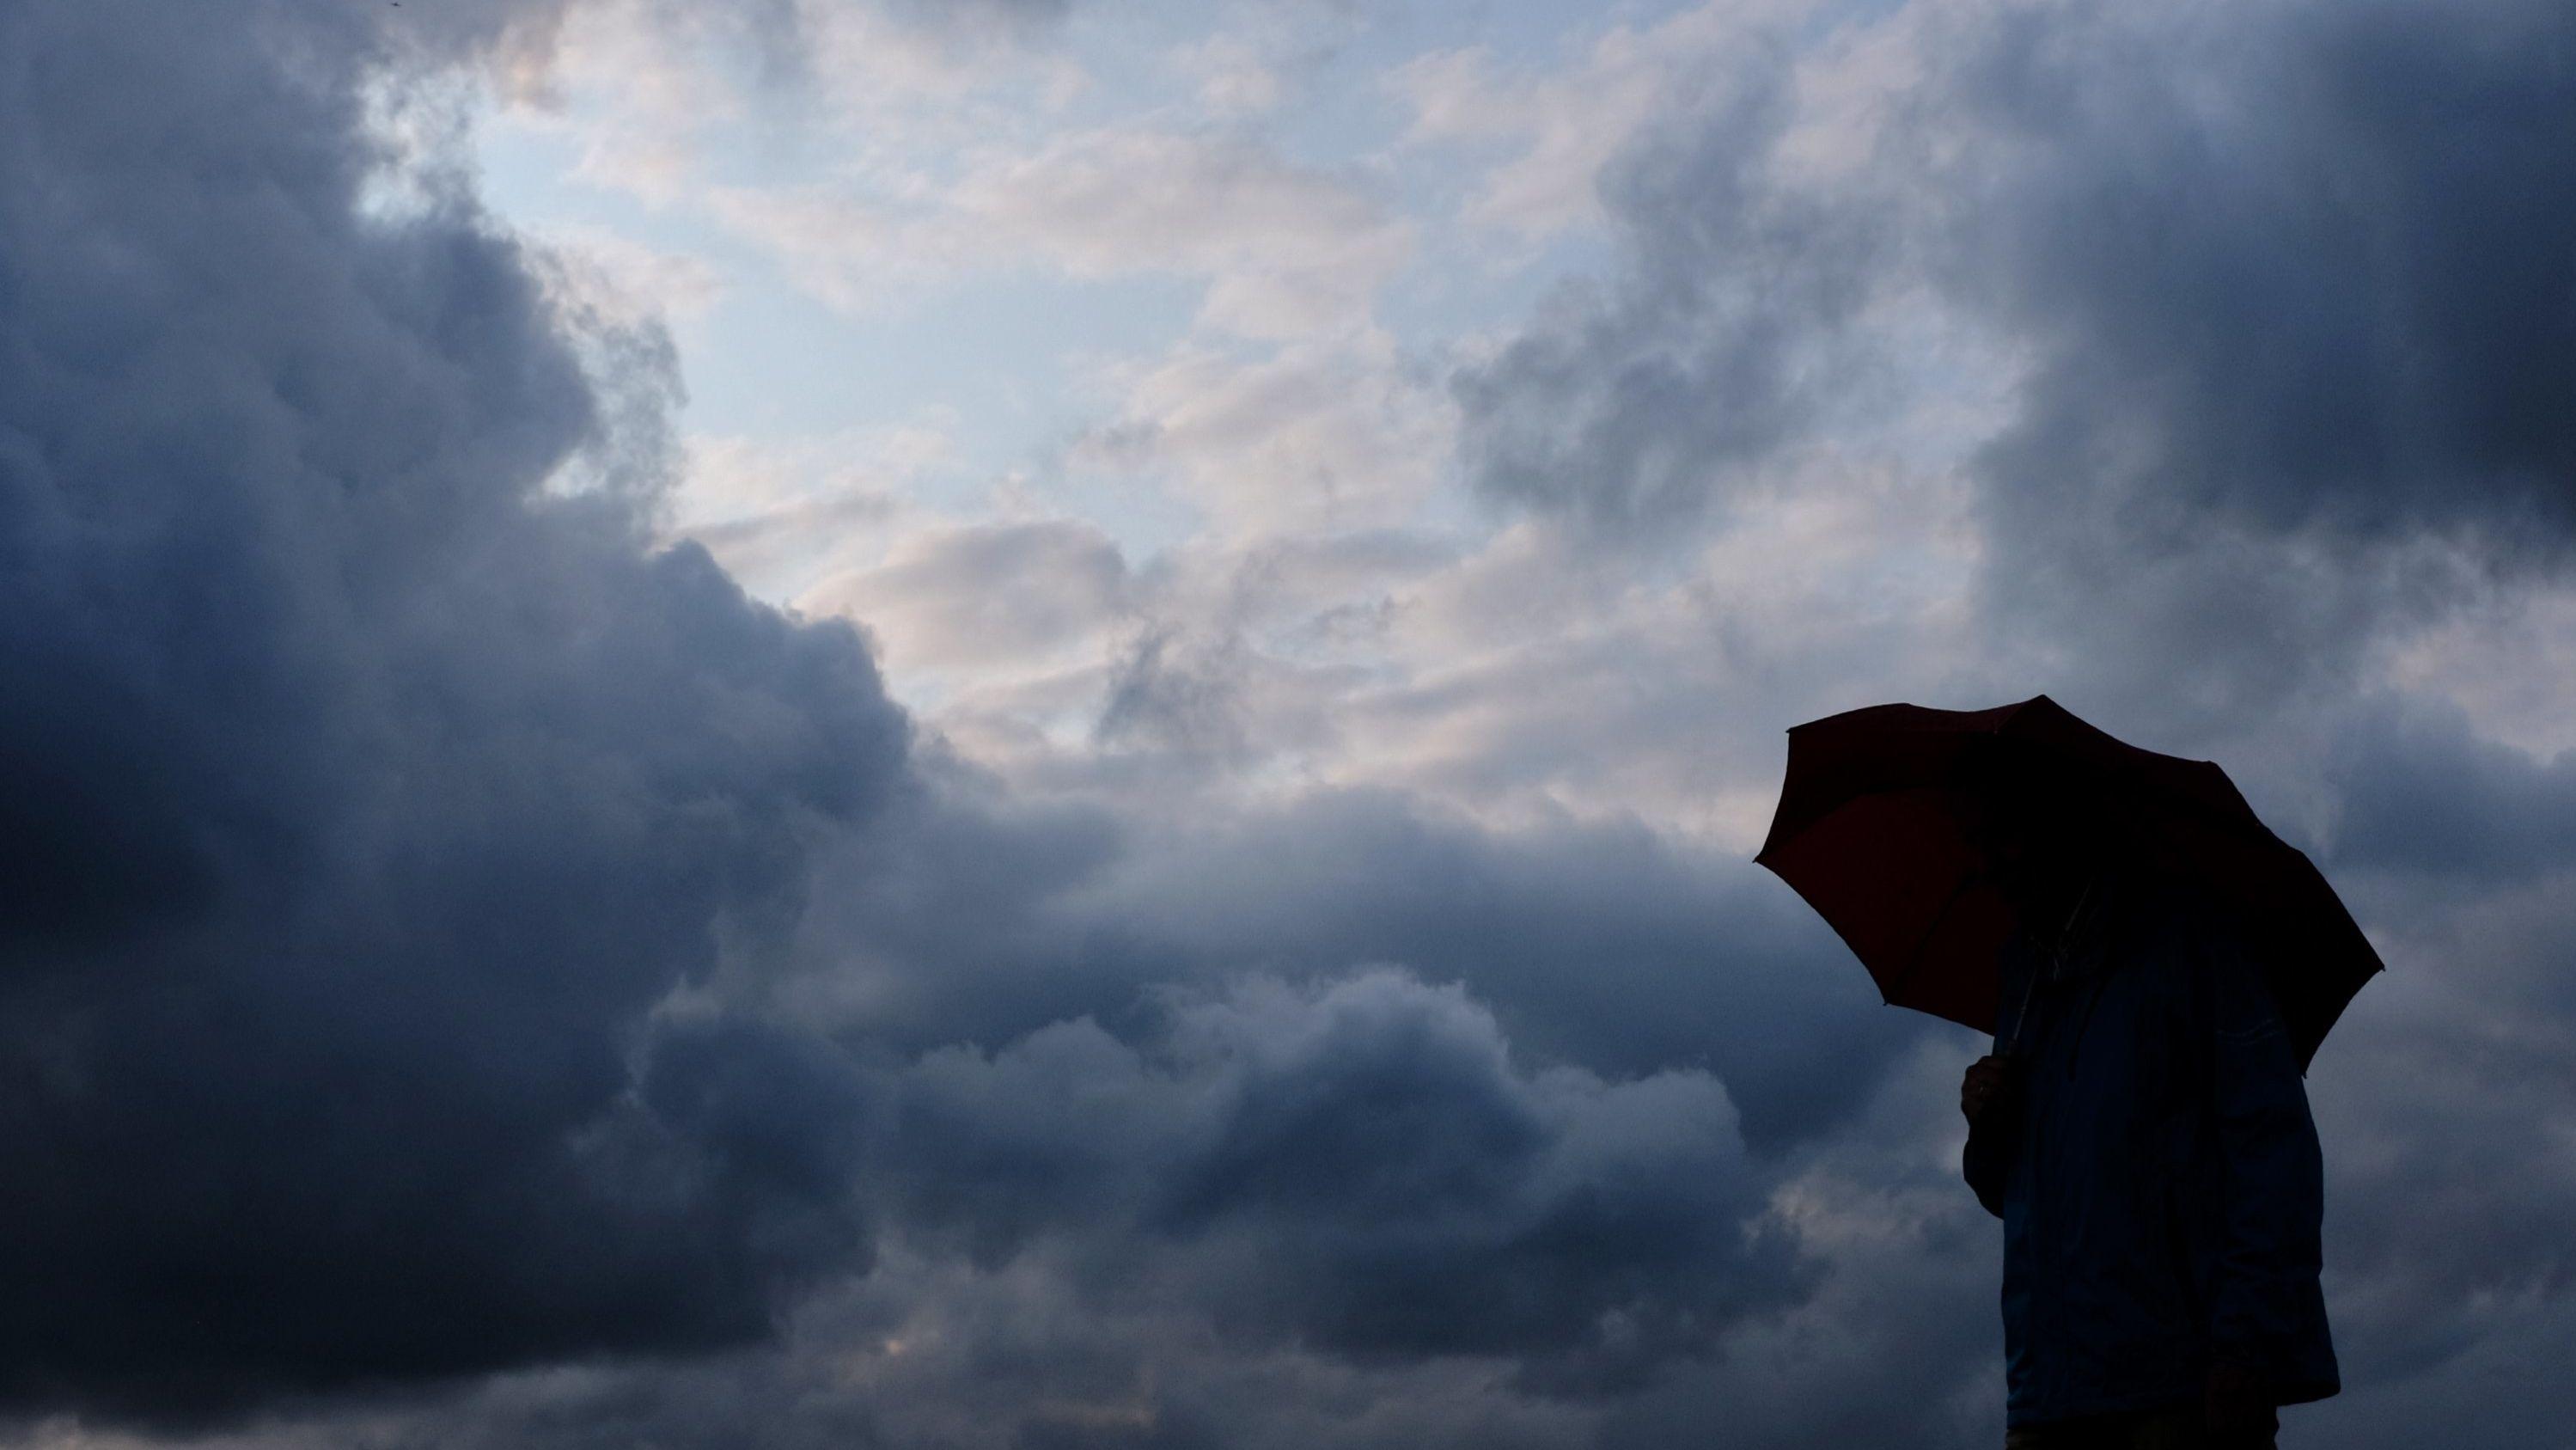 Ein Mann geht mit einem Regenschirm vor aufziehenden dunklen Wolken spazieren.